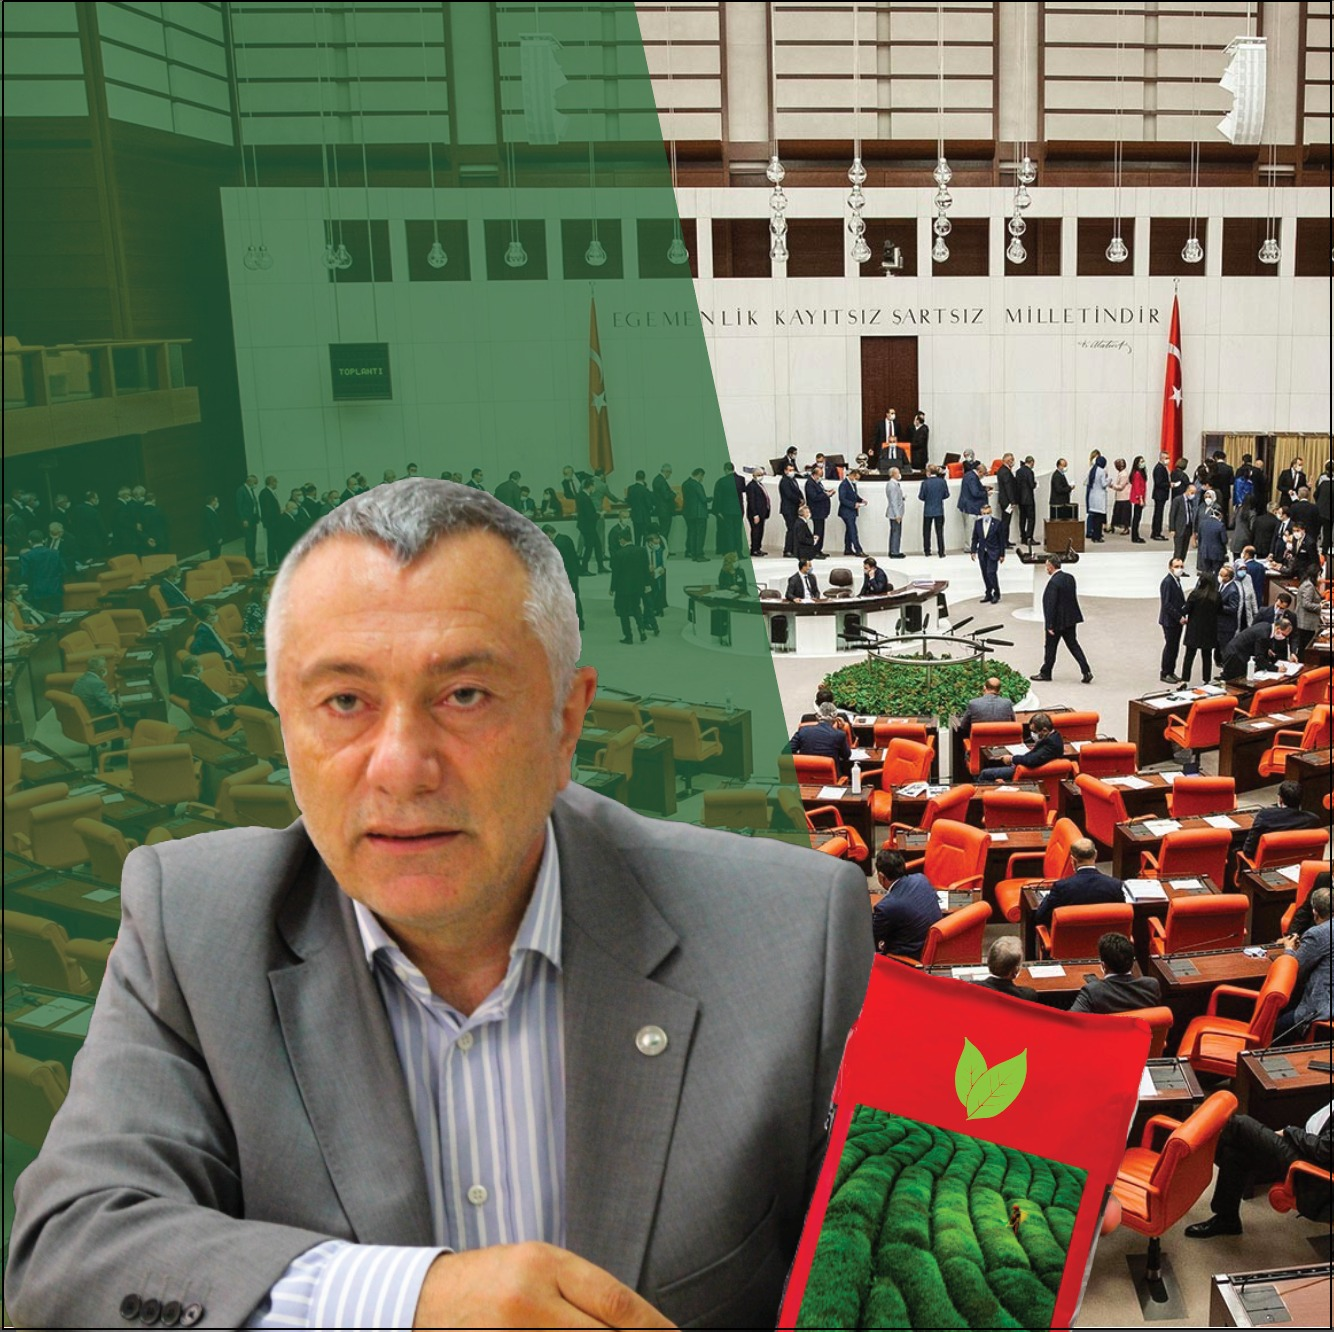 Rize'den aldığı kaçak çayı Meclis'e sokacak!